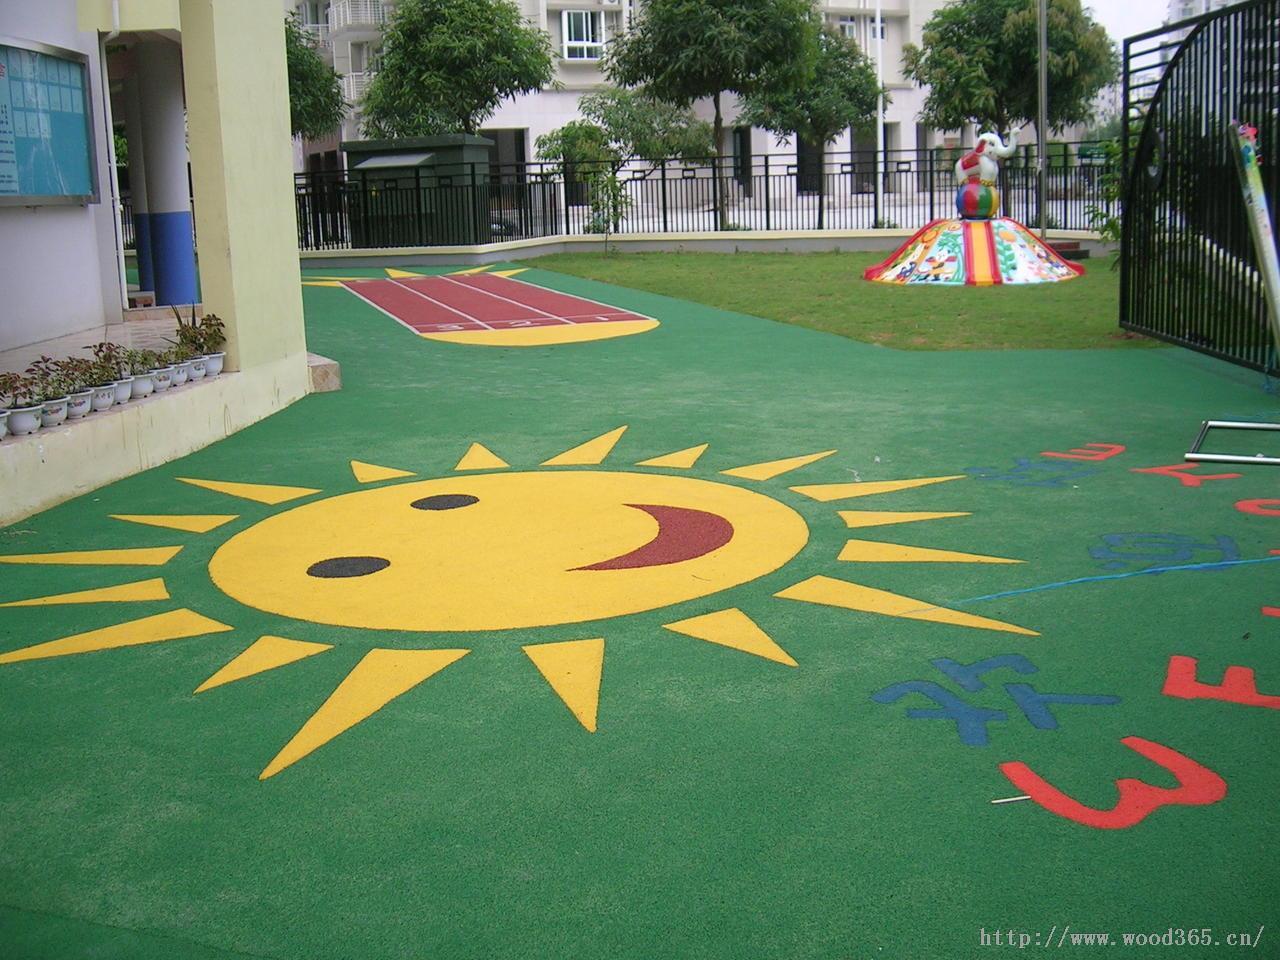 幼儿园场地铺装 幼儿园活动场地 幼儿园场地设计 幼儿